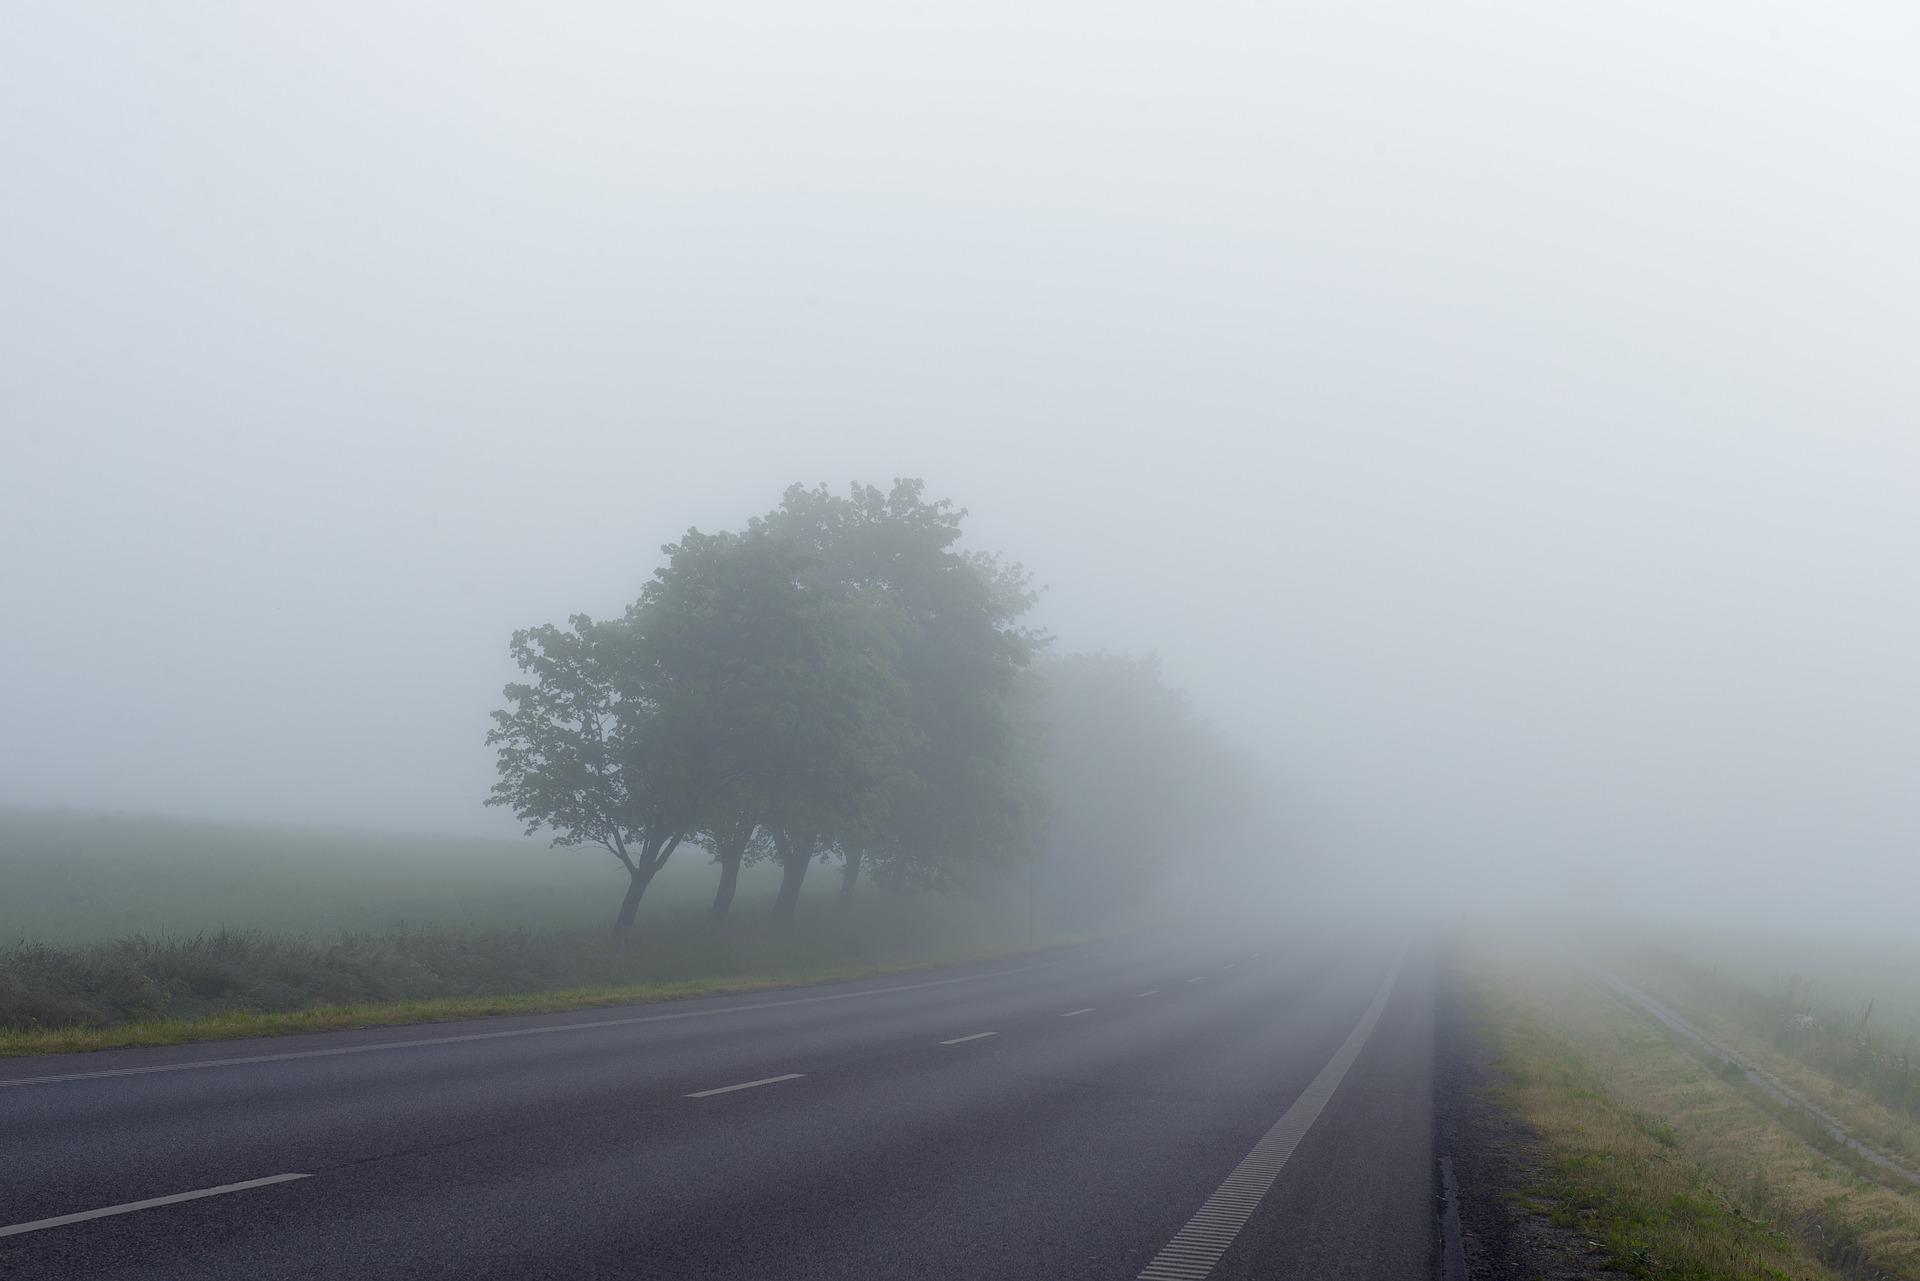 En väg som försvinner in i dimma. Vid sidan av vägen står några träd som bara anas i dimman.